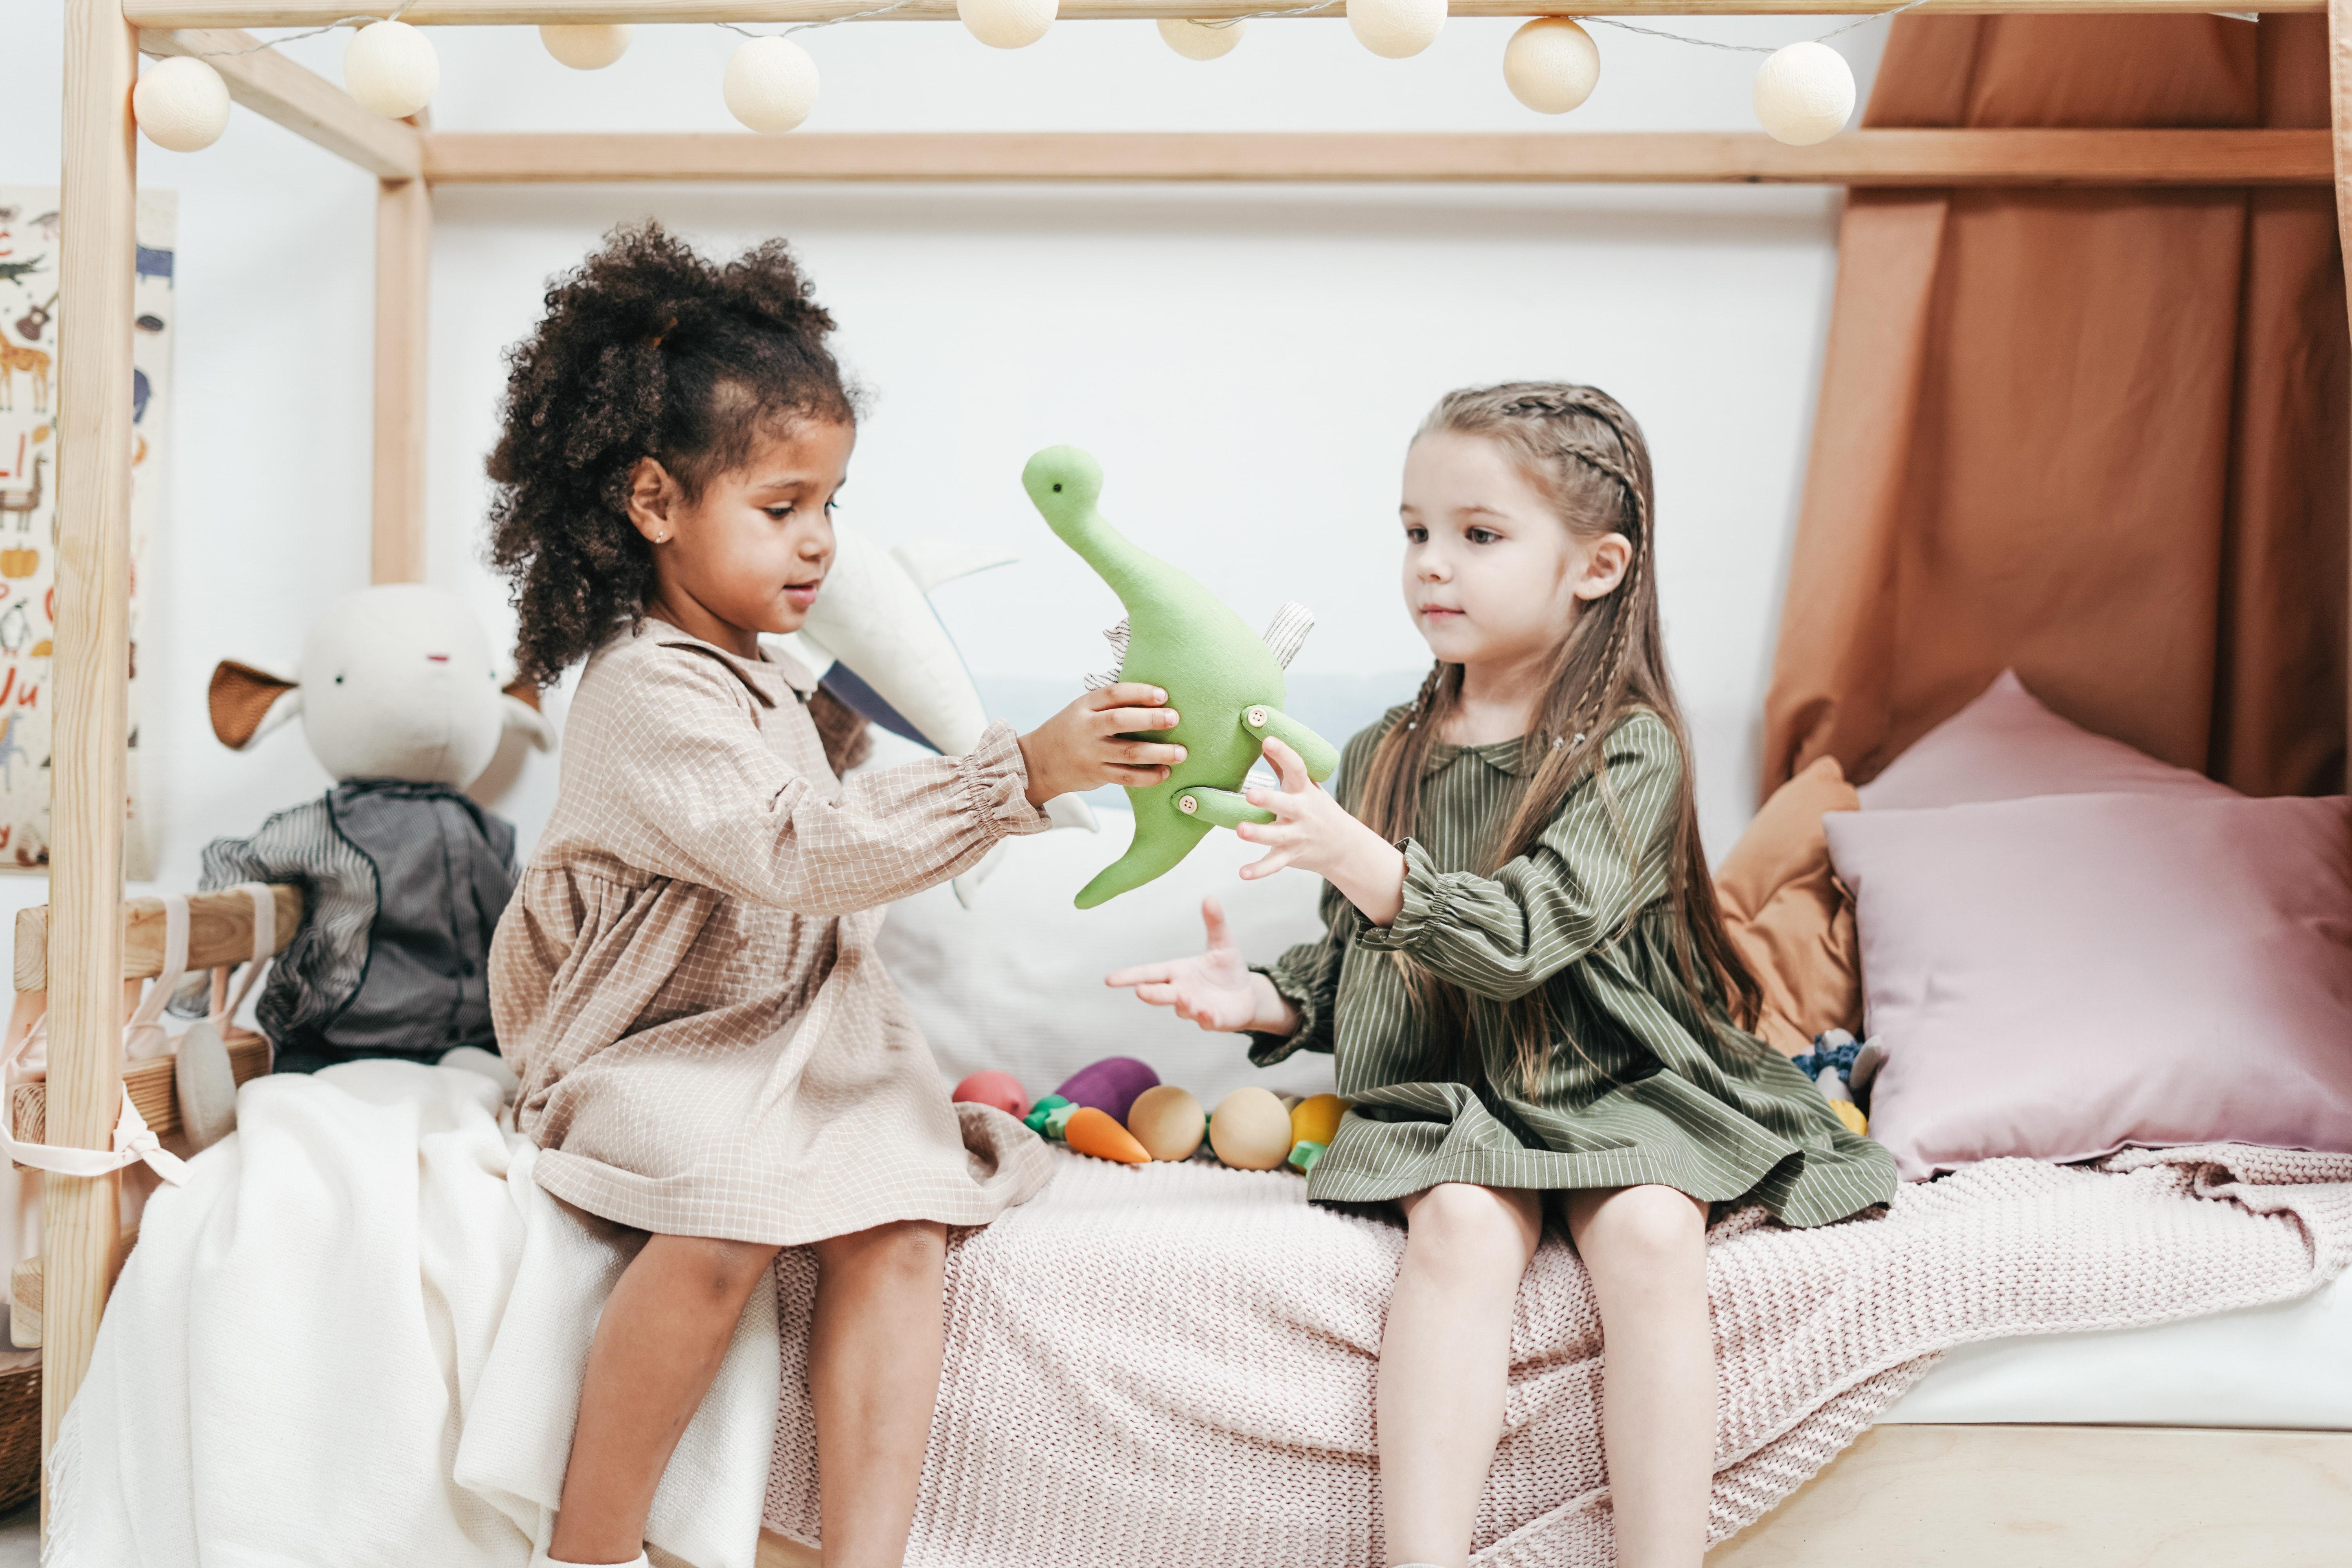 Enfants noirs et blancs jouant ensemble